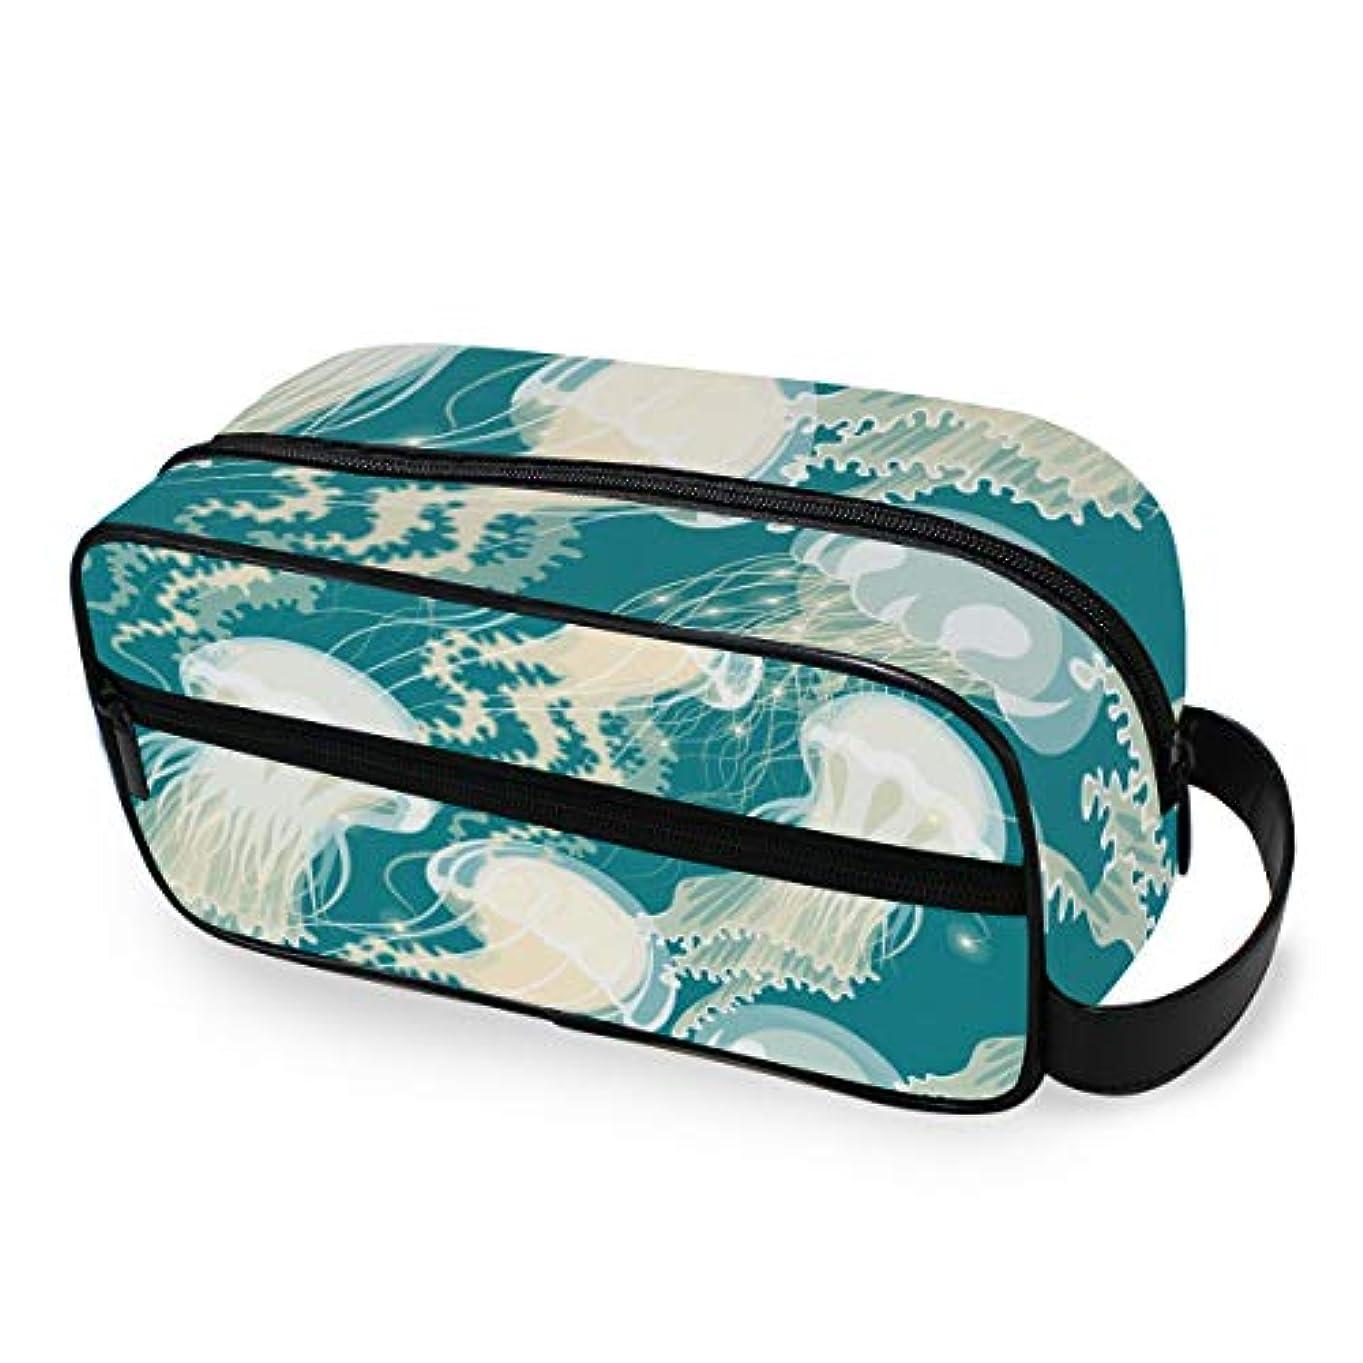 助けてぼかし湖USAKI 化粧ポーチ トラベルポーチ クラゲ 小物入れ 機能的 大容量 おしゃれ コスメポーチ 化粧バッグ 化粧品収納 出張 旅行